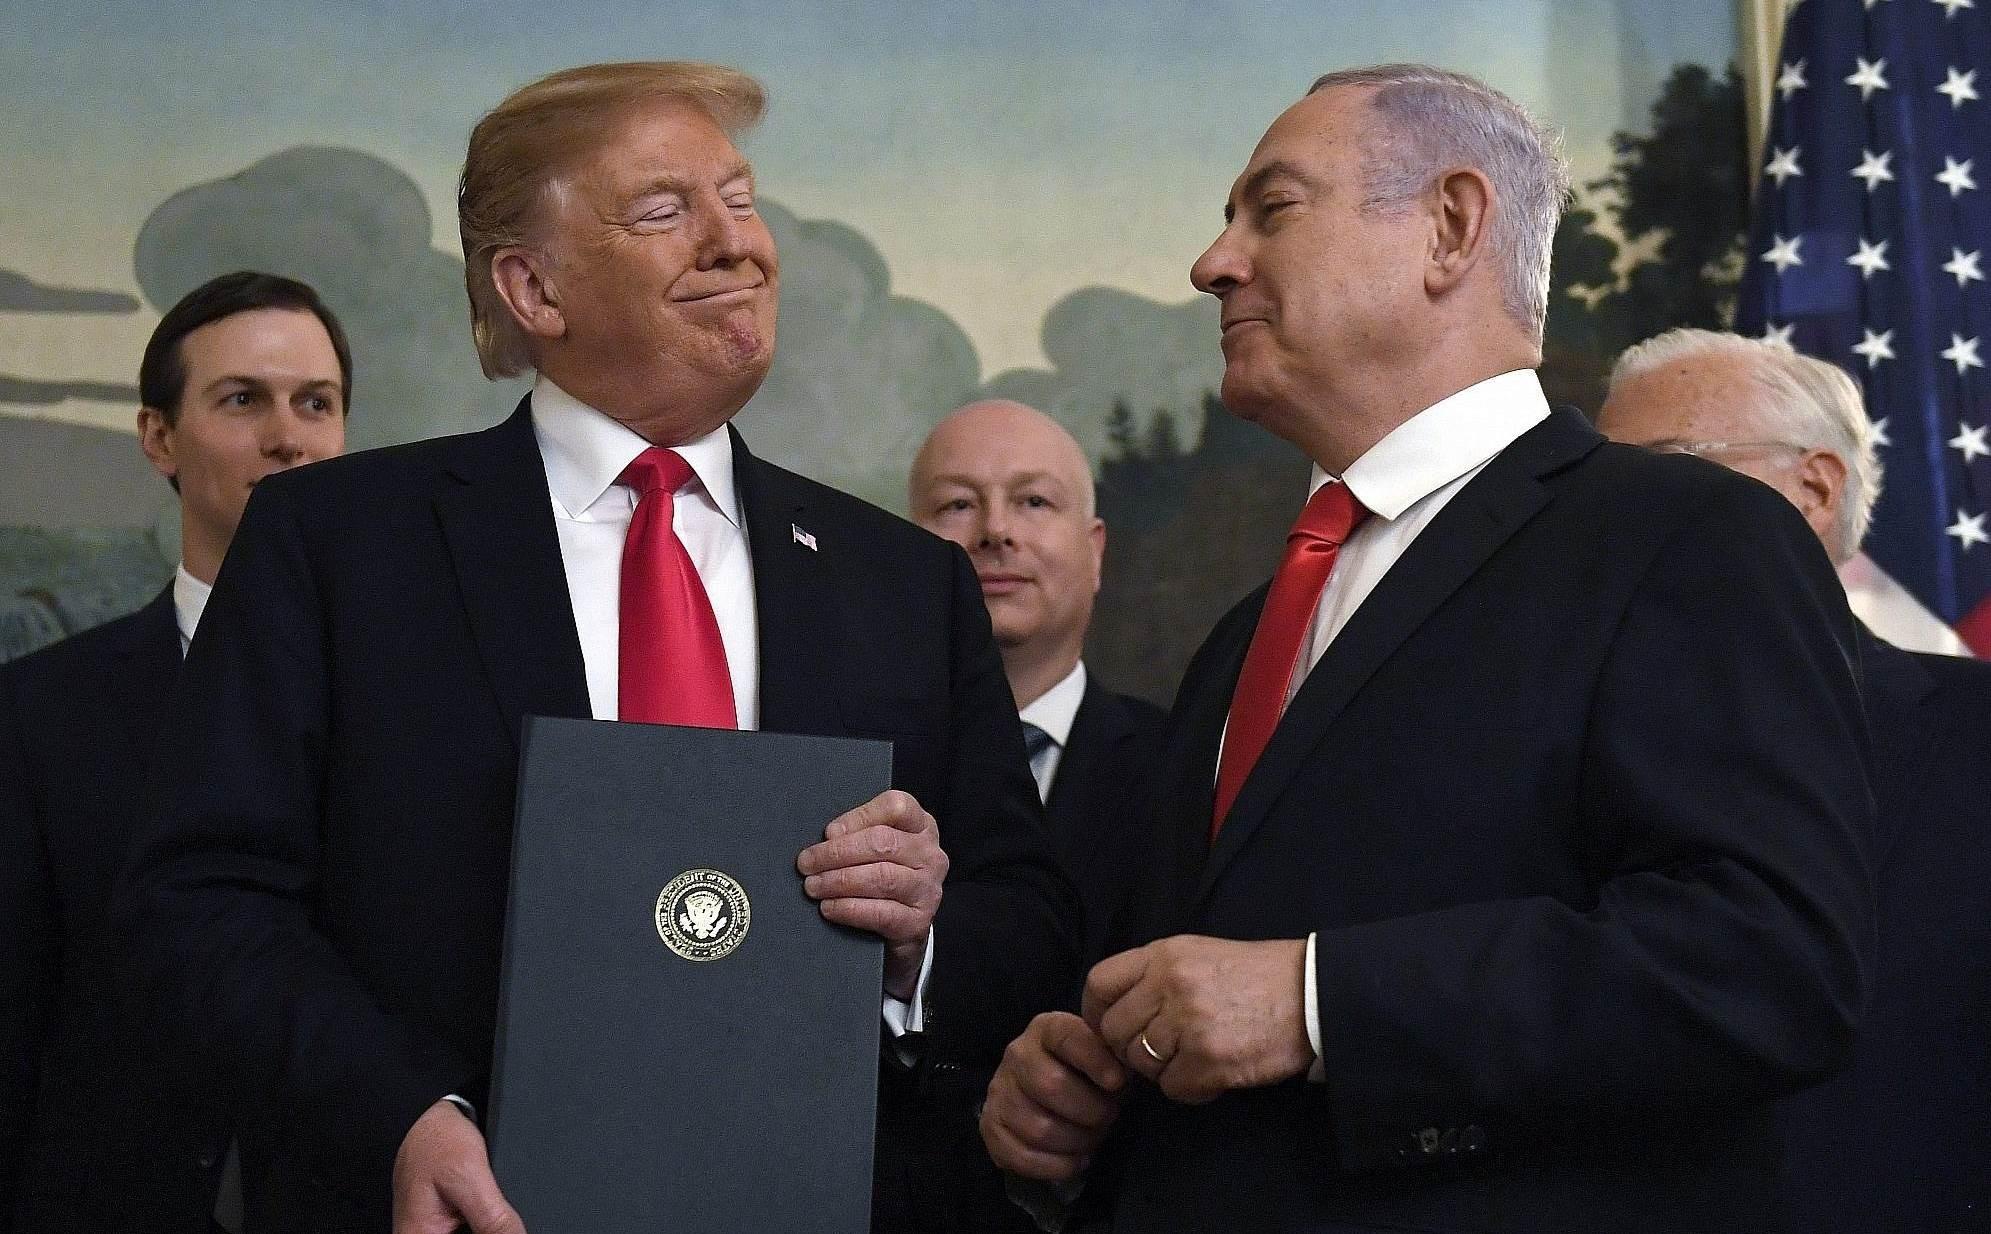 القدس في حسابات السّياسة الأميركيّة: بين إدارة الصّراع وحلّه